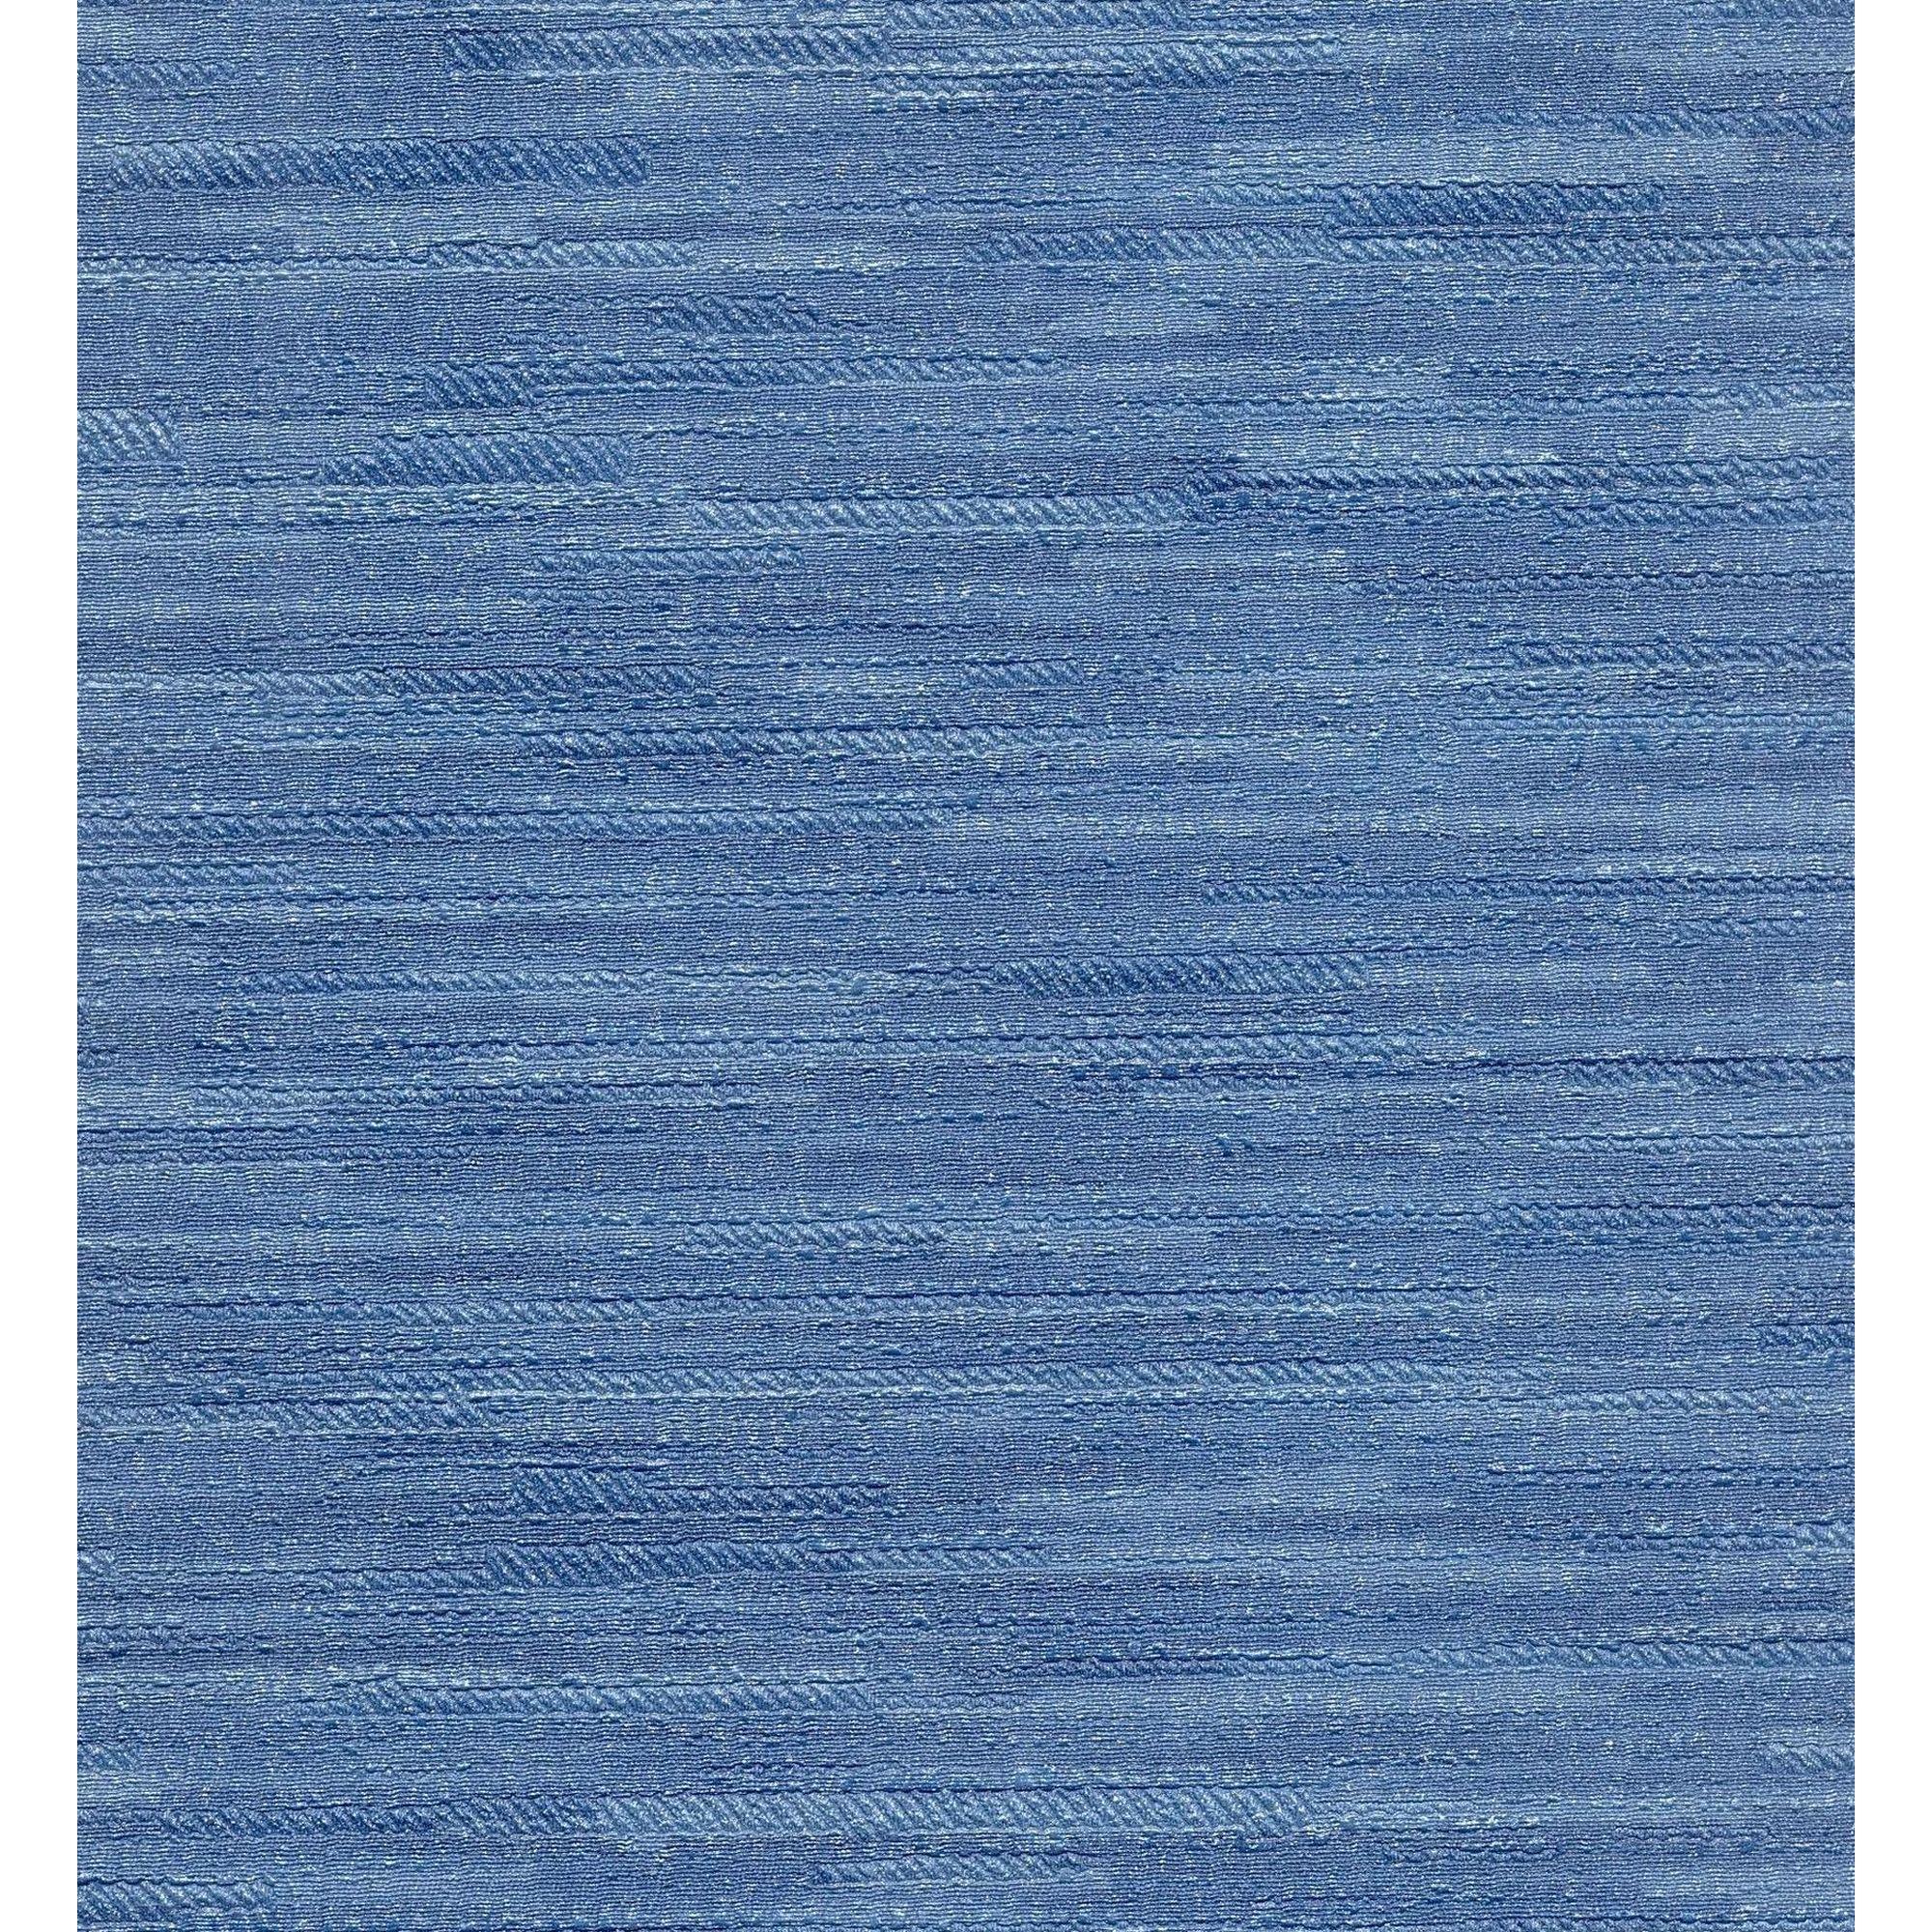 Обои флизелиновые 1.06х10 м фон синий ED 1068-20